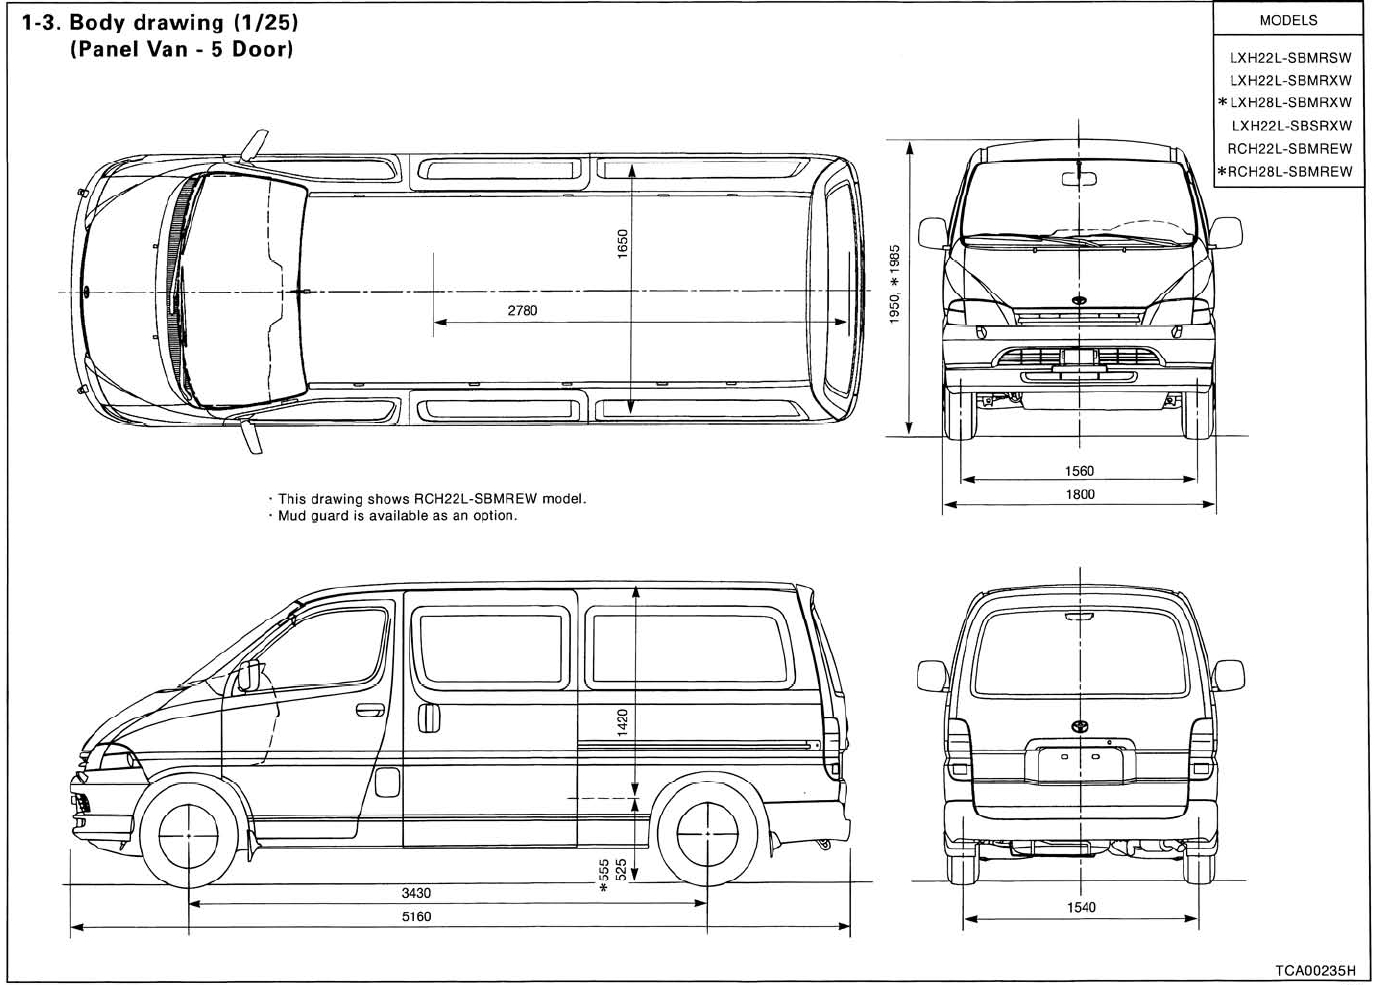 Toyota Sienna Van Dimensions